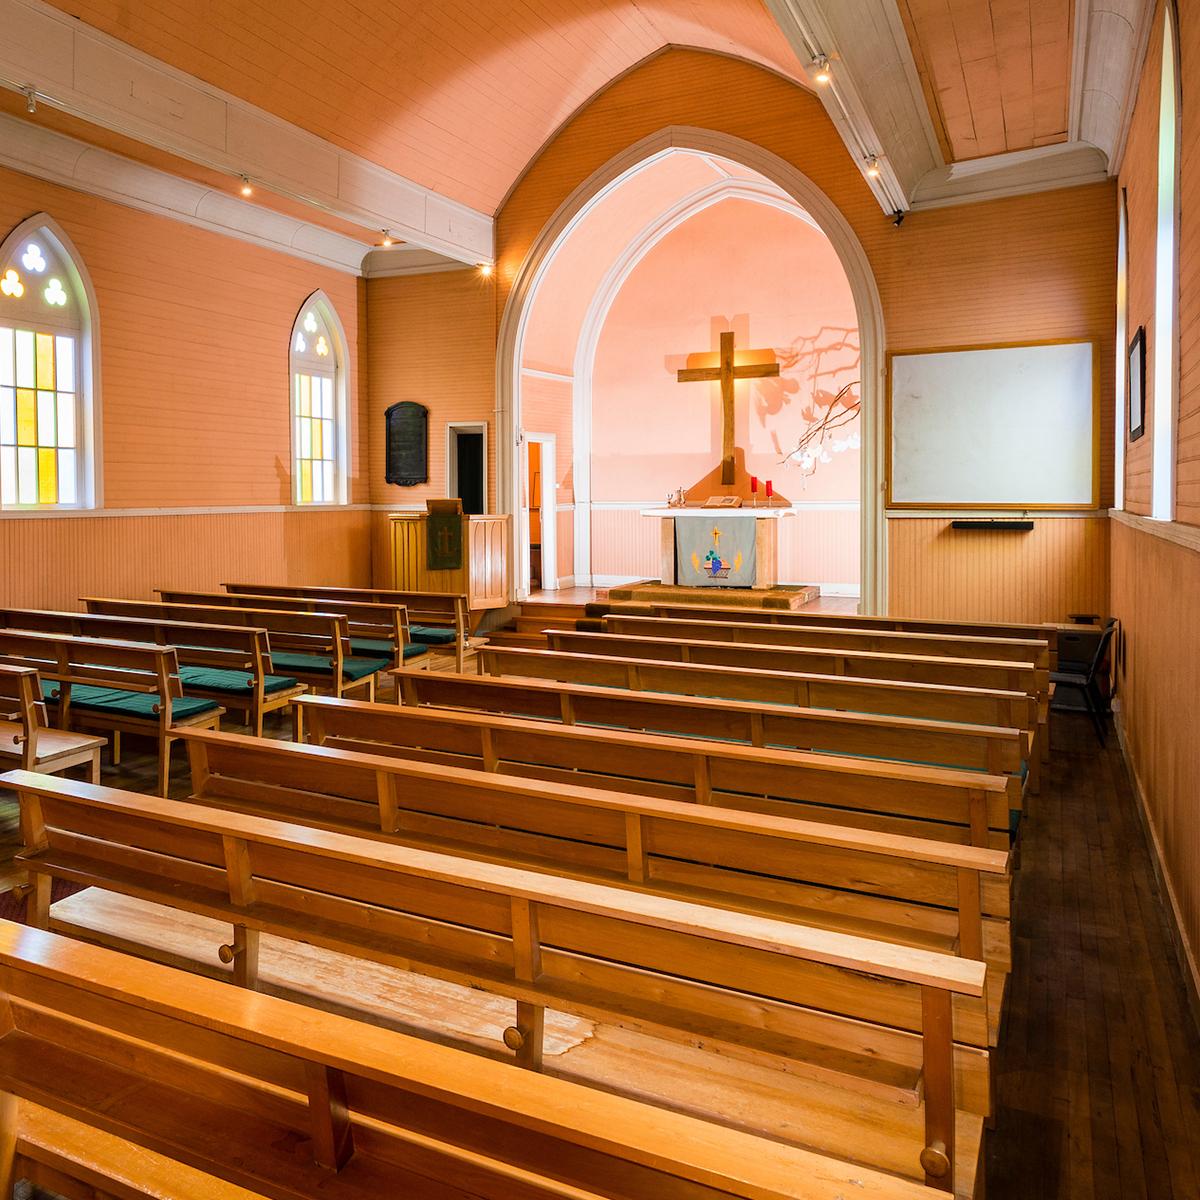 iglesia-luterana-en-puerto-varas